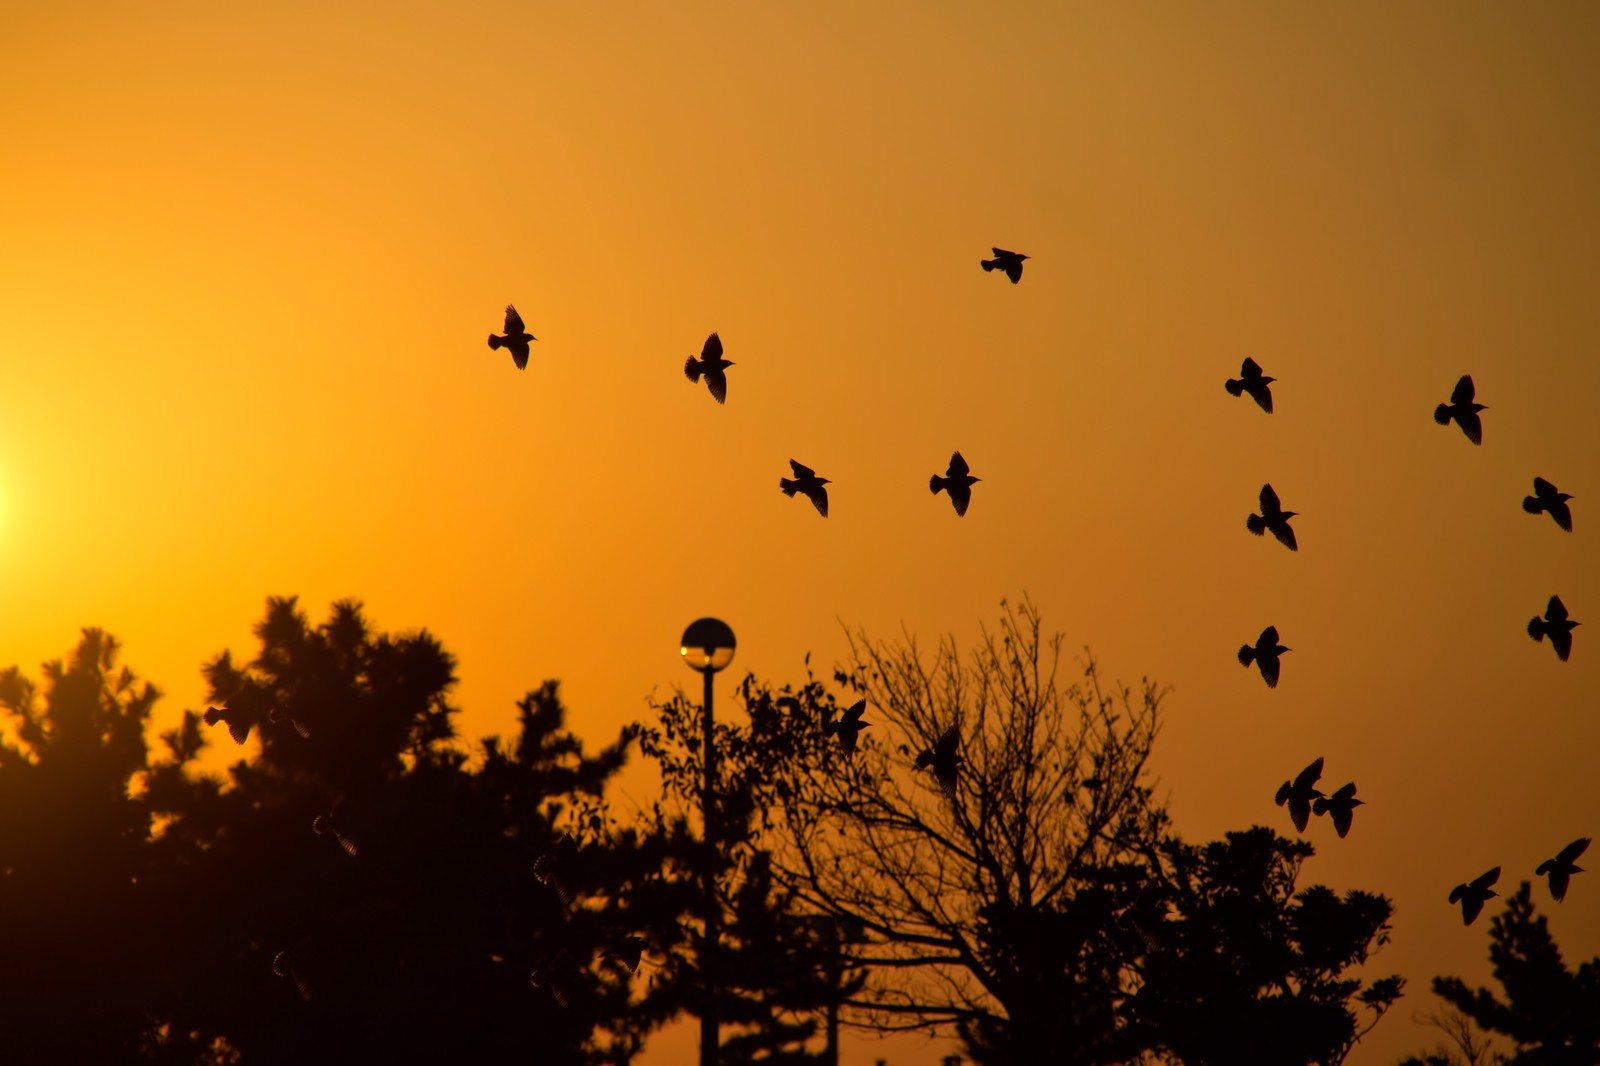 「金色の空と鳥たち」の写真